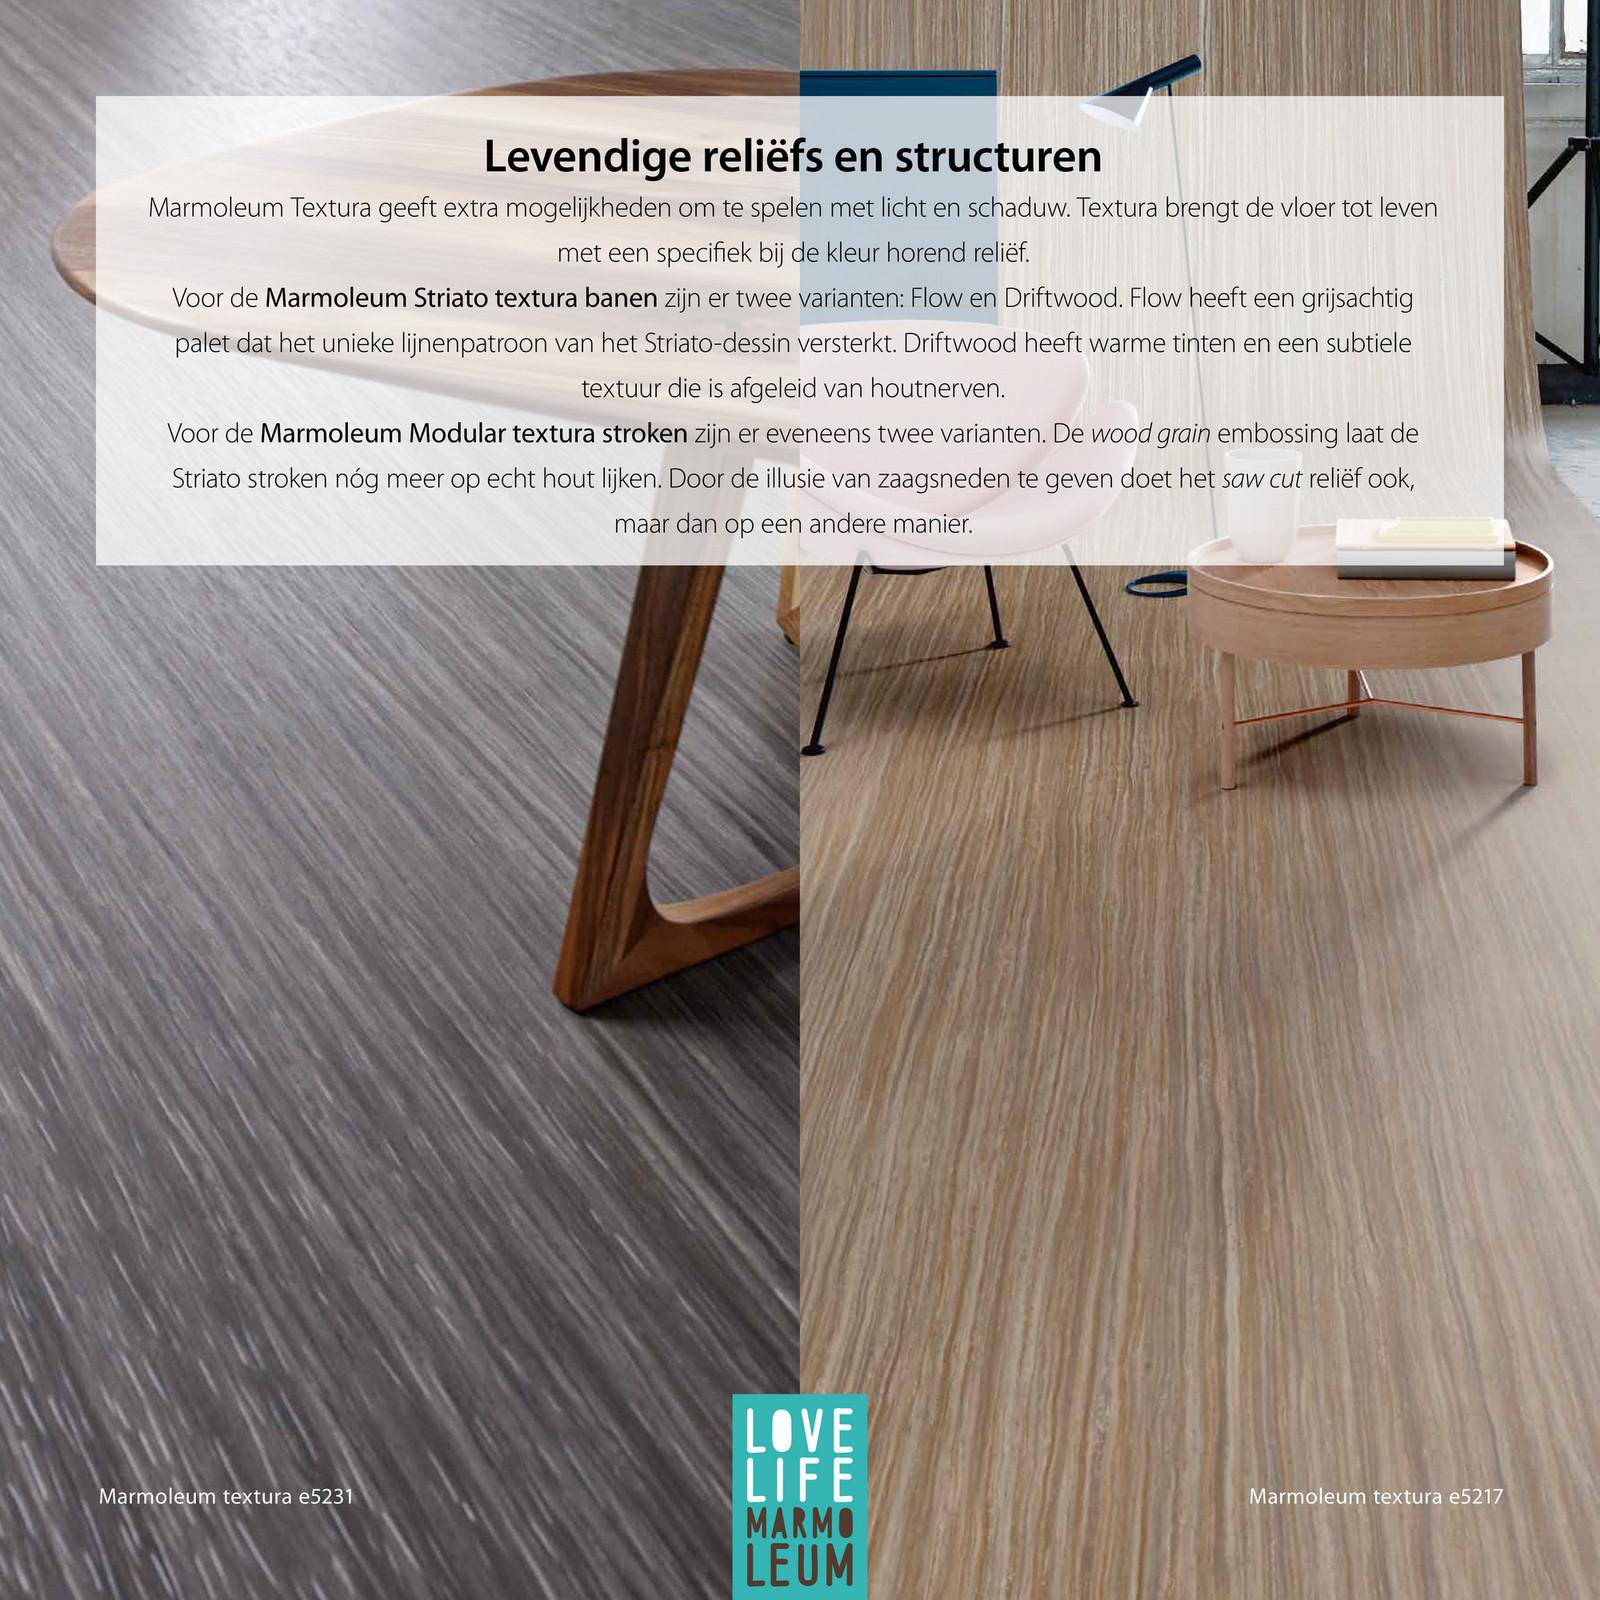 forbo flooring nl marmoleum collectieboek pagina 38 39